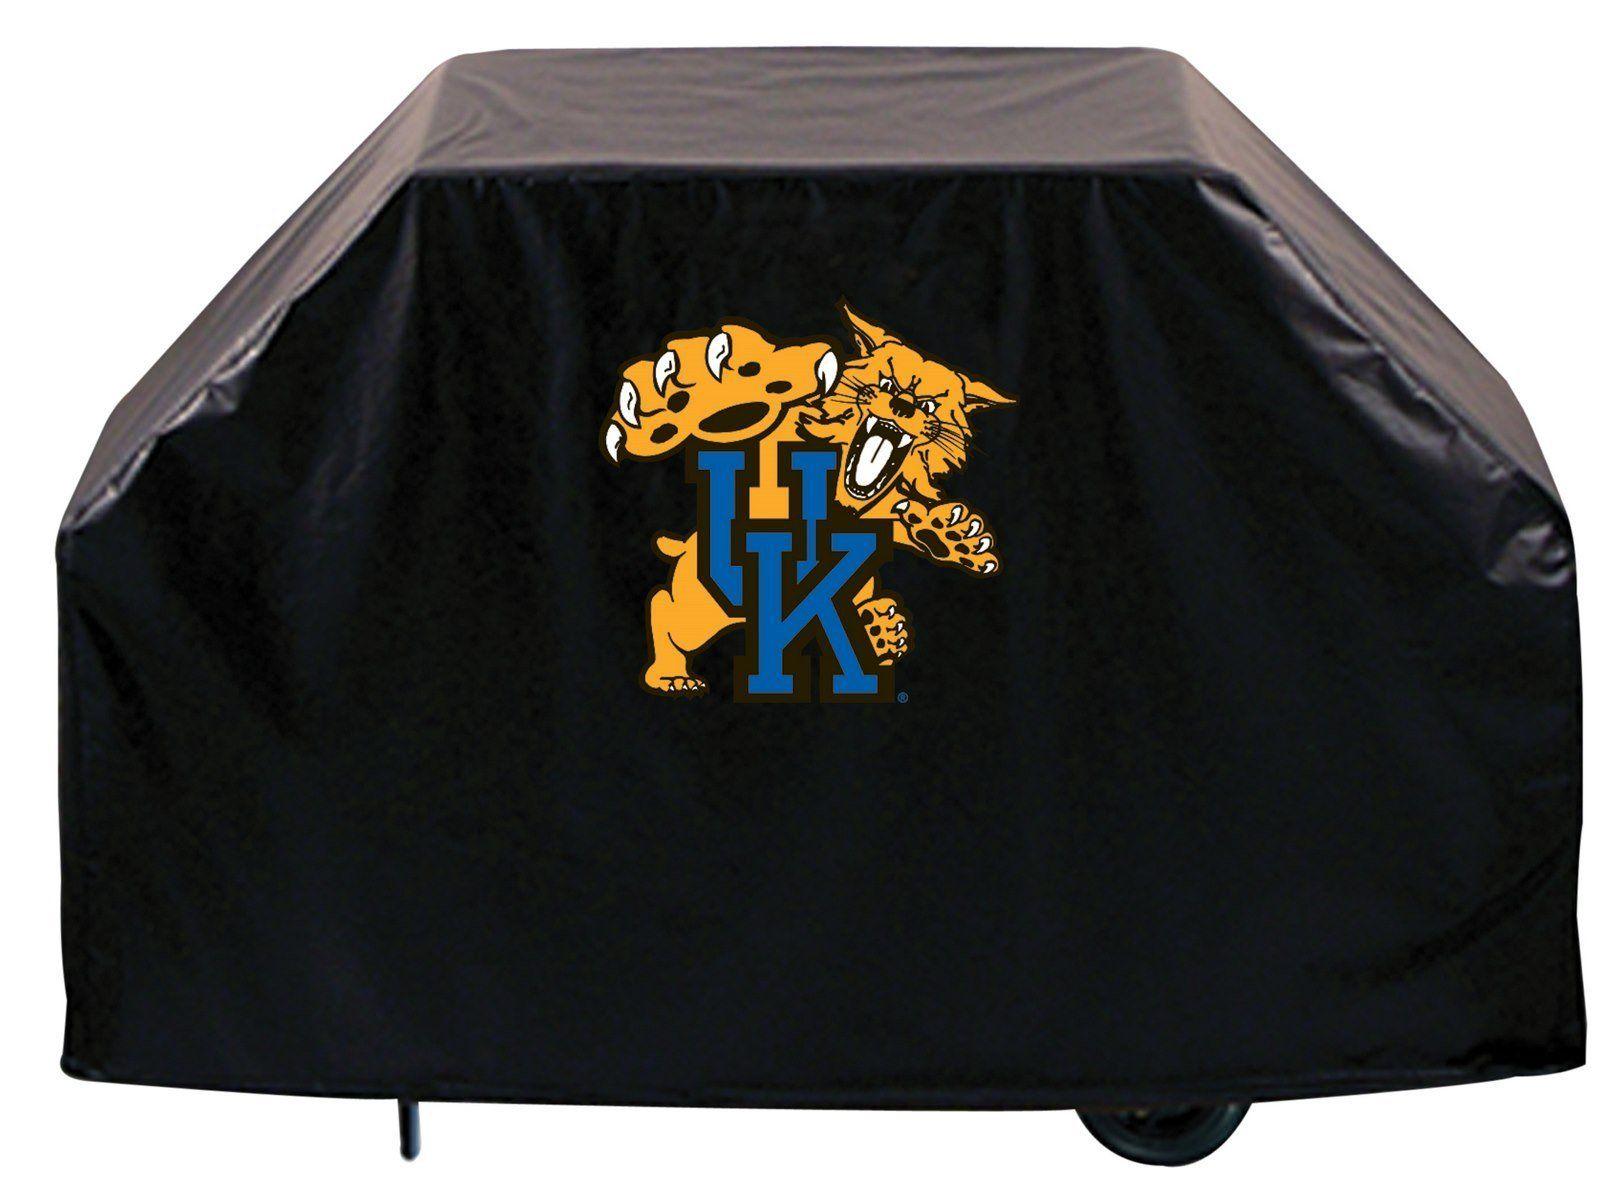 Kentucky Wildcats HBS Black Cat Outdoor Heavy Breathable